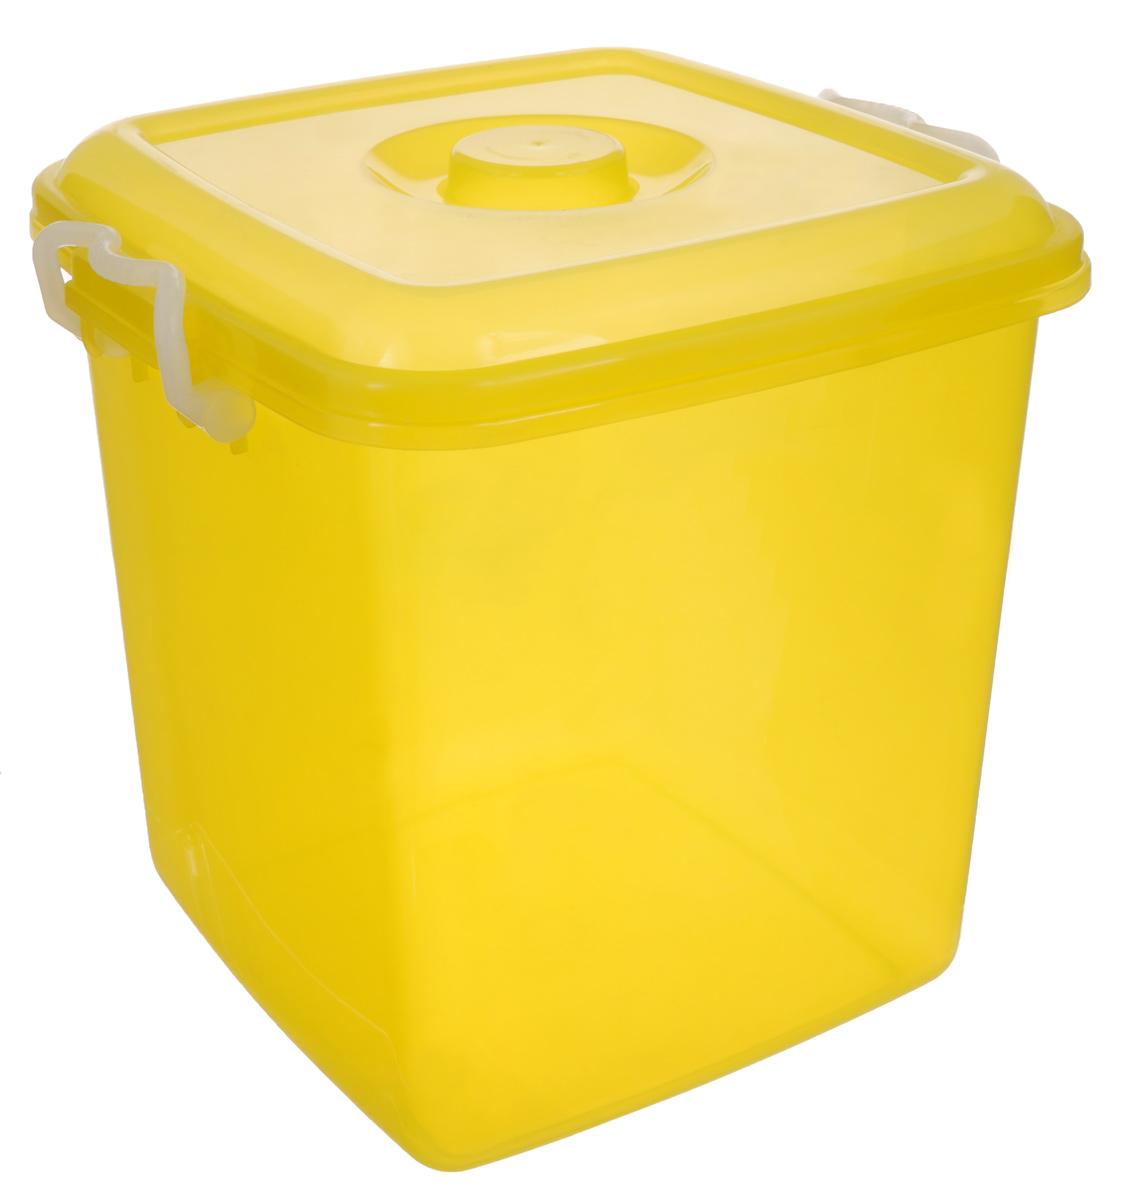 Контейнер для хранения Idea Океаник, цвет: желтый, 20 лМ 2858Контейнер Idea Океаник выполнен из высококачественного полипропилена, предназначен для хранения различных вещей. Контейнер снабжен эргономичной плотно закрывающейся крышкой со специальными боковыми фиксаторами. Объем контейнера: 20 л.